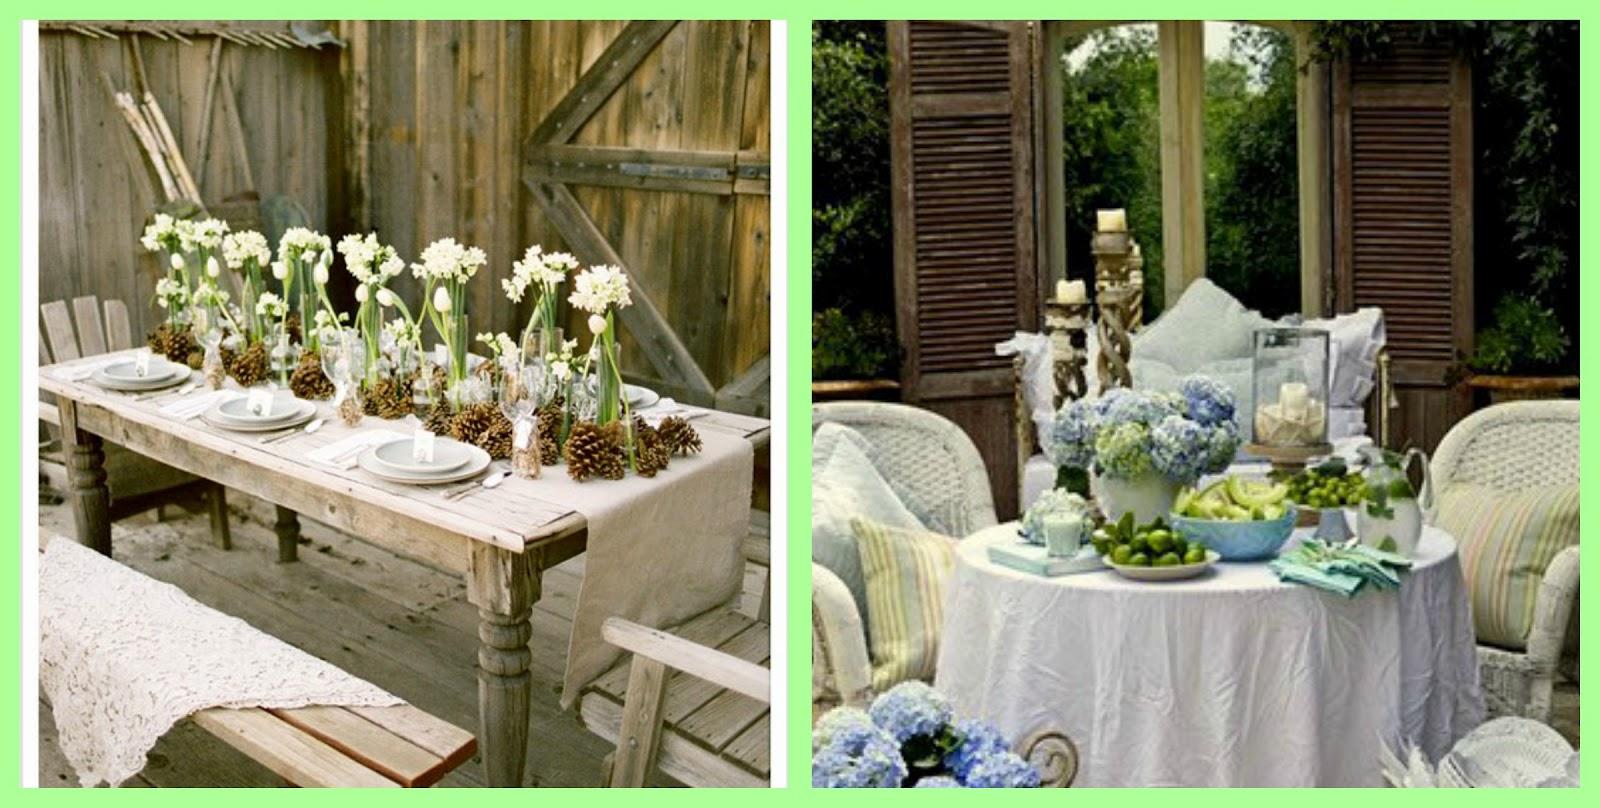 Fantasticamentebello la tavola in giardino for Tavole da pranzo